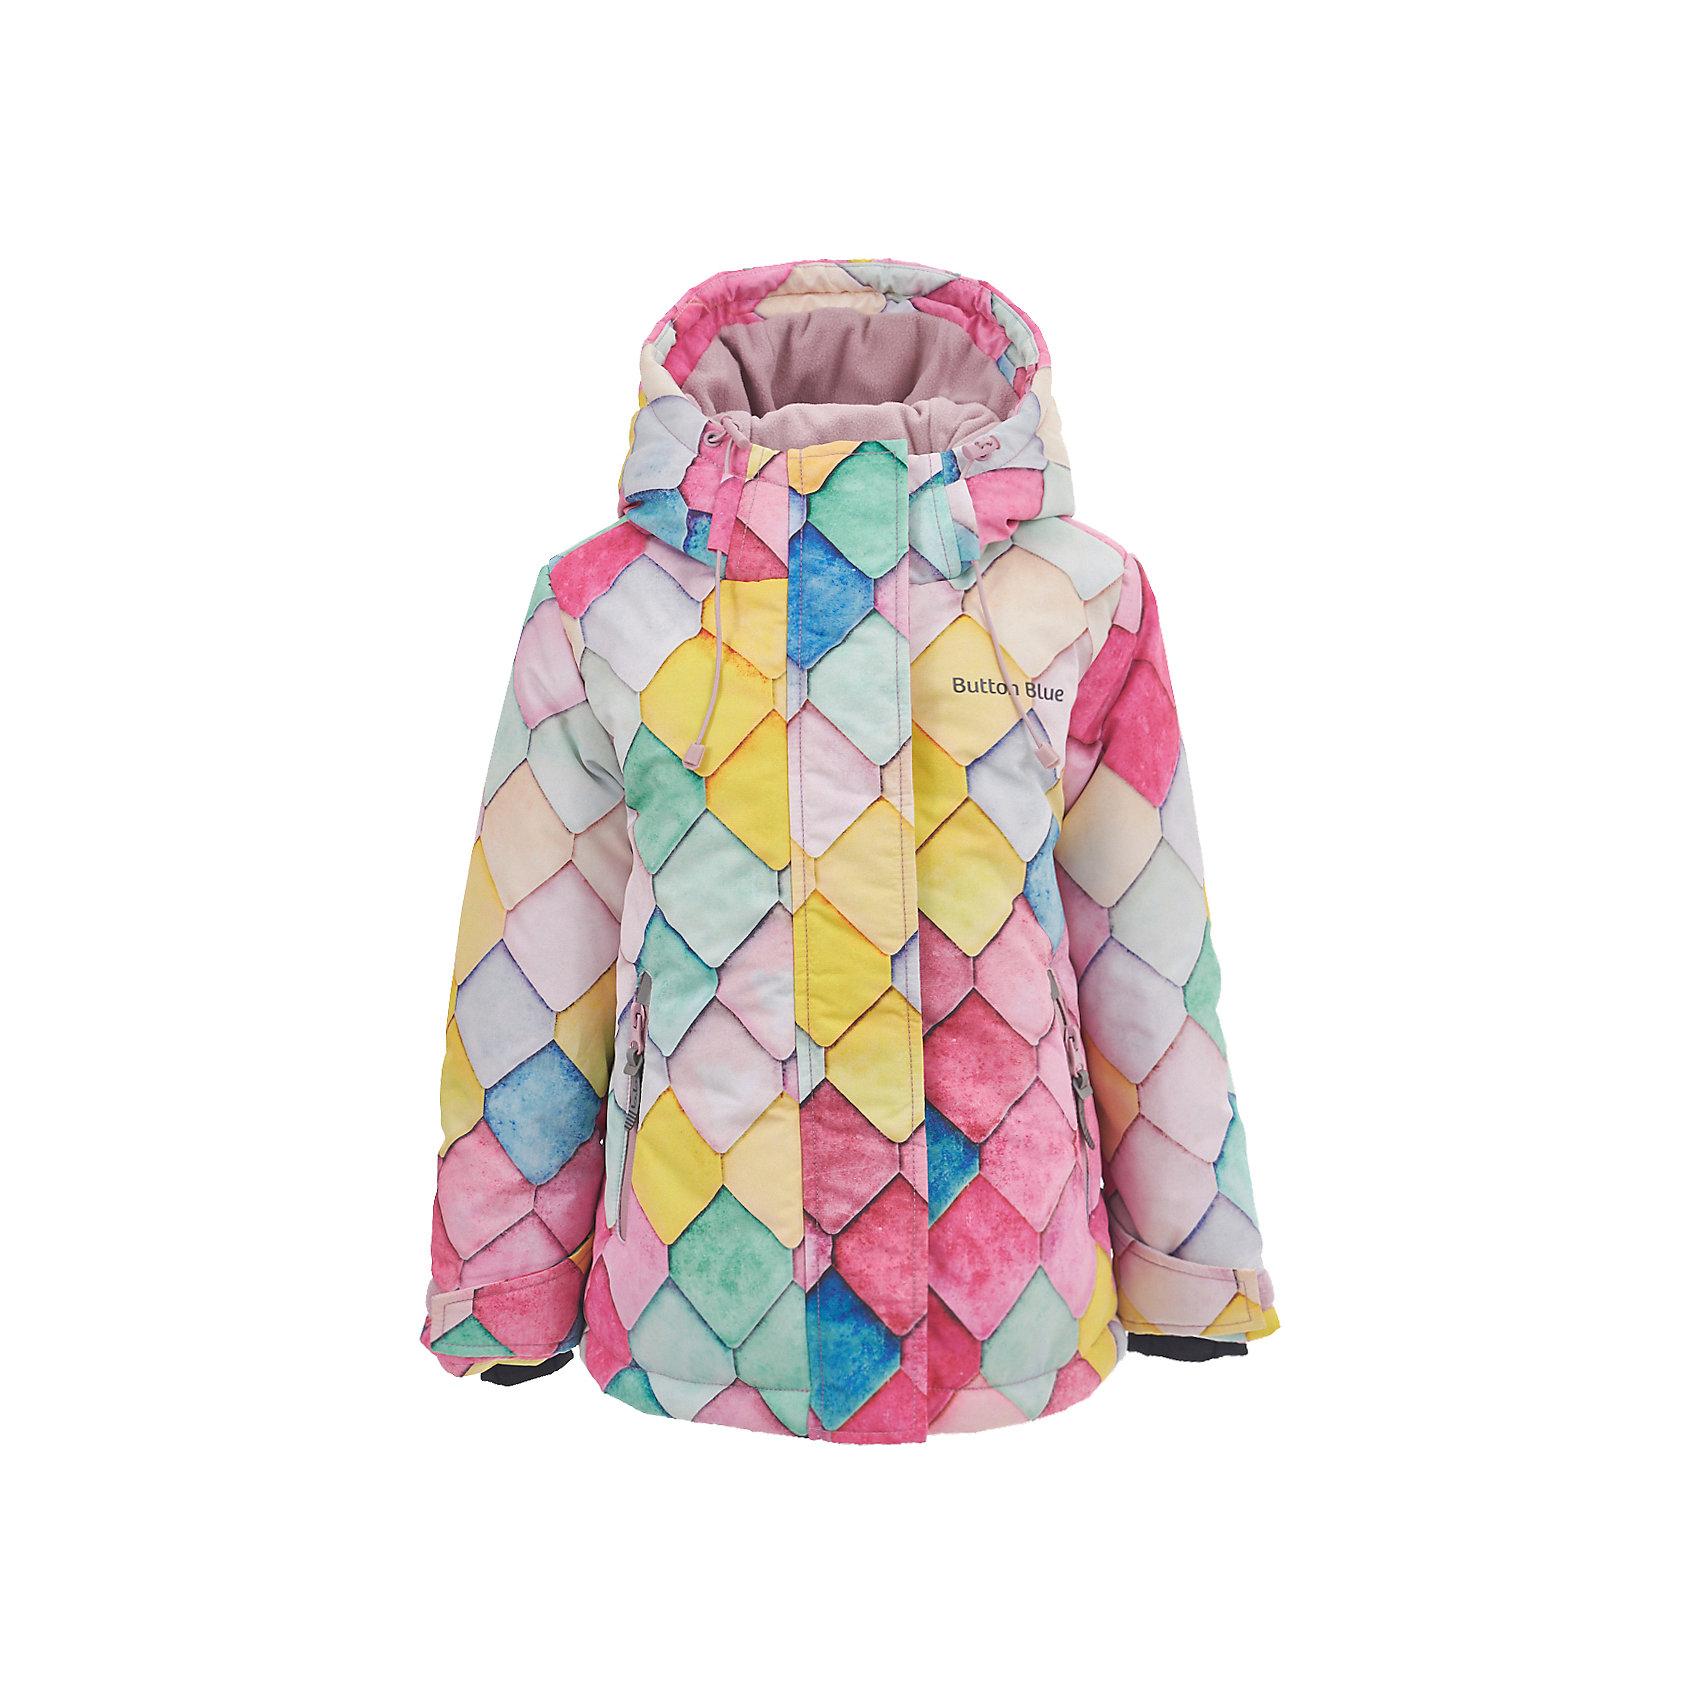 Куртка Button Blue для девочкиВерхняя одежда<br>Характеристики товара:<br><br>• цвет: мульти;<br>• состав: 100% полиэстер;<br>• подкладка: 100% полиэстер, флис;<br>• утеплитель: 100% полиэстер;<br>• сезон: зима;<br>• температурный режим: от 0 до -20С;<br>• застежка: молния с защитой подбородка;<br>• дополнительная защитная планка на липучках;<br>• сплошная подкладка из флиса;<br>• эластичные регулируемые манжеты на липучке;<br>• внутренний манжет с отверстием для большого пальца;<br>• водоотталкивающая ткань;<br>• внутренняя утяжка по низу изделия;<br>• карманы на молнии;<br>• страна бренда: Россия;<br>• страна изготовитель: Китай.<br><br>Яркая куртка из мембранной плащевки понравится всем любителям активных прогулок! Куртка сделана с соблюдением основных технологических особенностей производства спортивной одежды. Она не промокает, сохраняет тепло, трикотажная подкладка из мягкого флиса создает комфорт при длительной носке, утяжки защищают от продувания, светоотражающие элементы обеспечивают безопасность ребенка. Водоотталкивающая ткань с оригинальным рисунком делает куртку запоминающейся.<br><br>Куртку Button Blue (Баттон Блю) можно купить в нашем интернет-магазине.<br><br>Ширина мм: 356<br>Глубина мм: 10<br>Высота мм: 245<br>Вес г: 519<br>Цвет: белый<br>Возраст от месяцев: 24<br>Возраст до месяцев: 36<br>Пол: Женский<br>Возраст: Детский<br>Размер: 98,158,152,146,140,134,128,122,116,110,104<br>SKU: 7039514